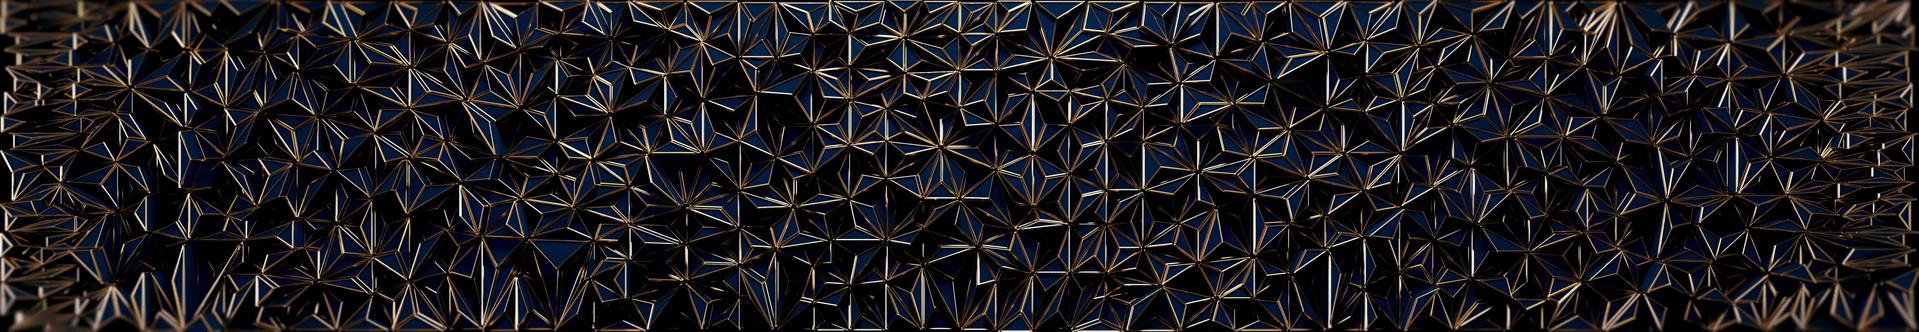 Blue_Gold Triads__H265.mp4